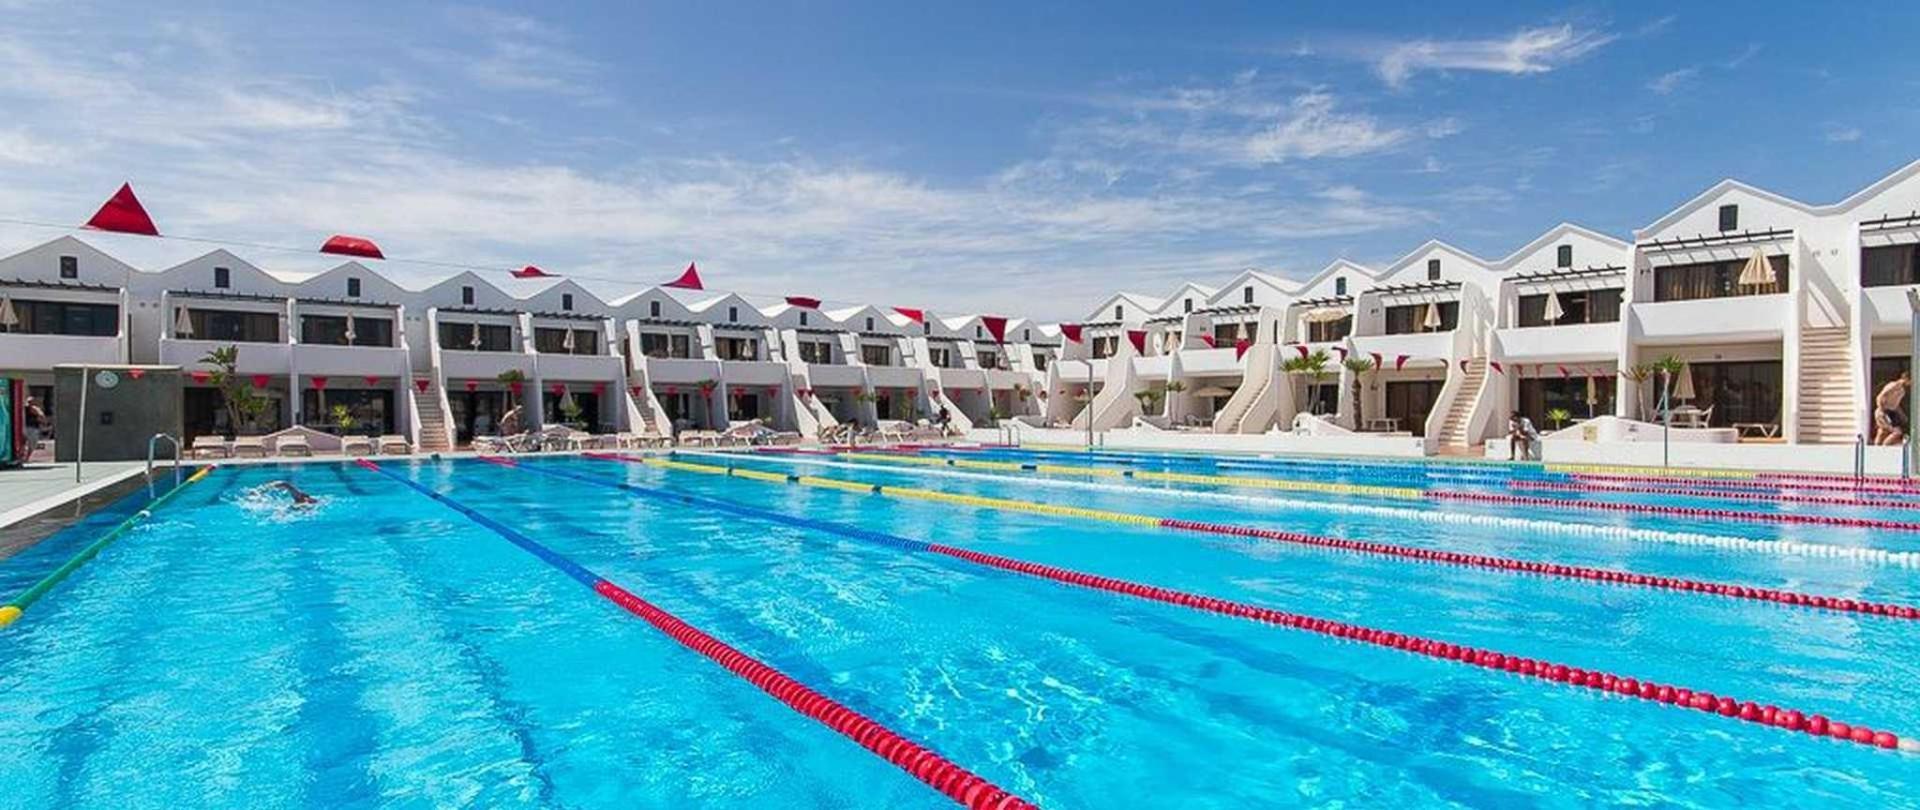 25 meters Swimming Pool.jpg